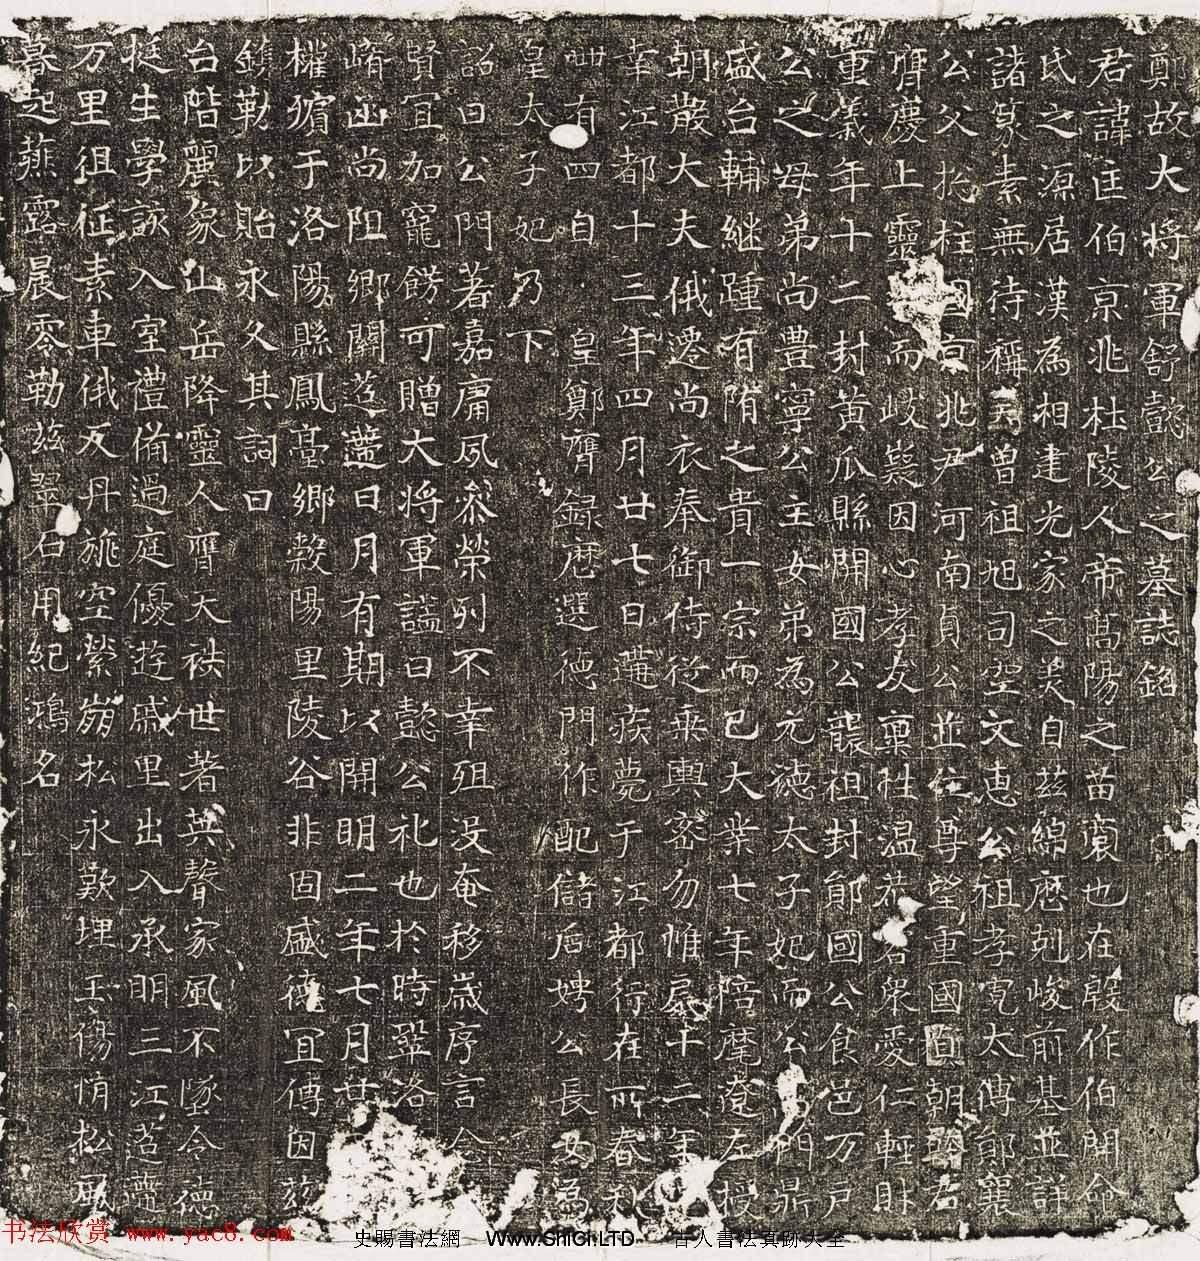 鄭故大將軍舒懿公之墓誌銘民國拓本(共3張圖片)